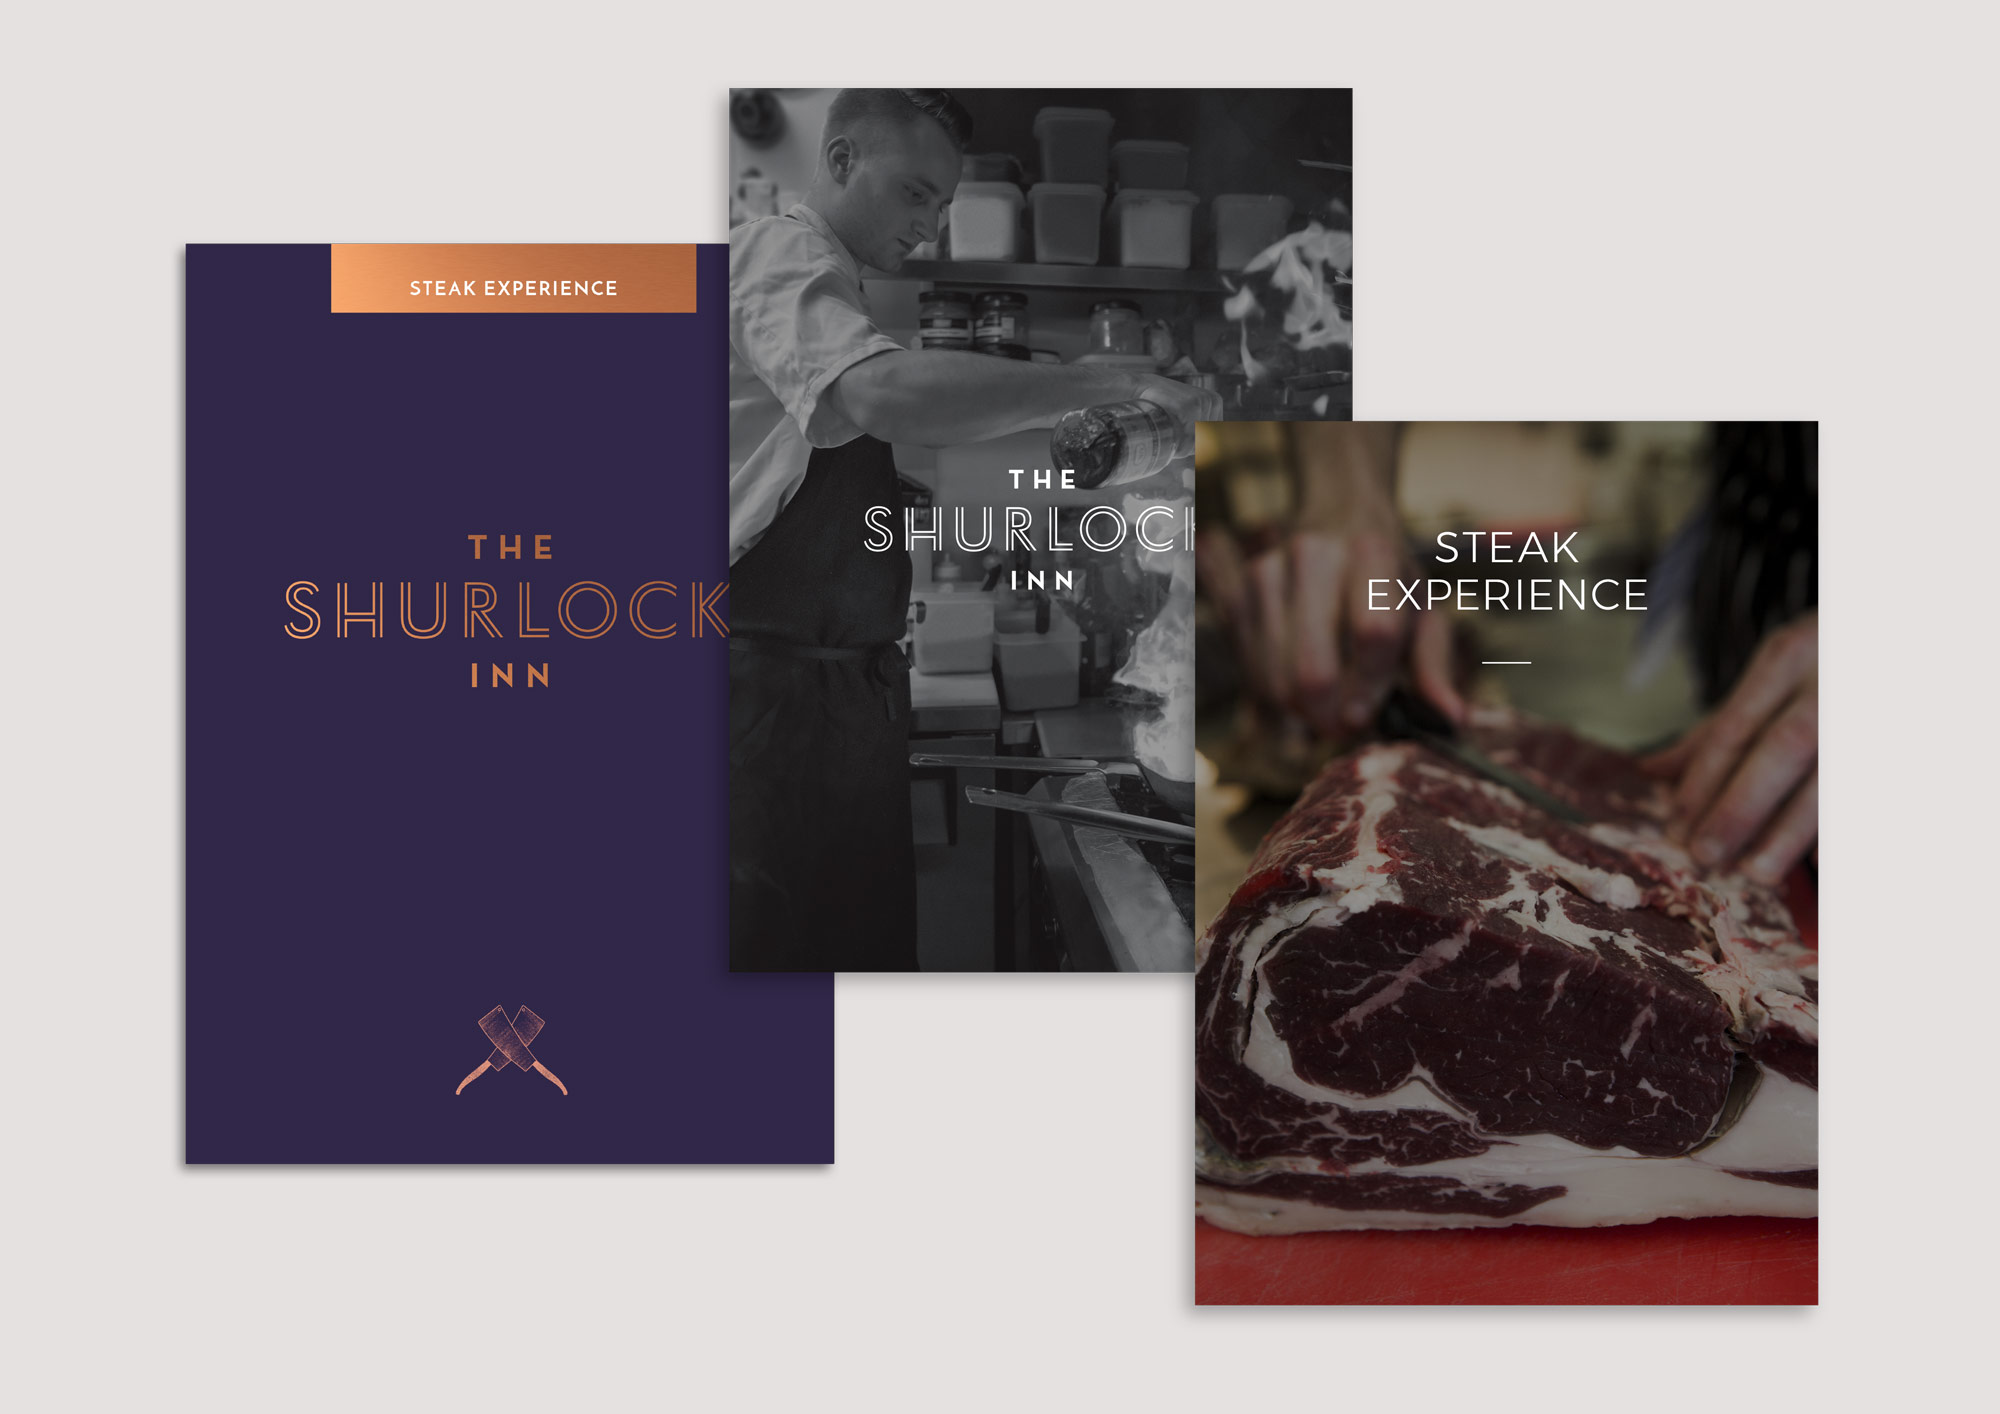 The Shurlock Inn gift vouchers